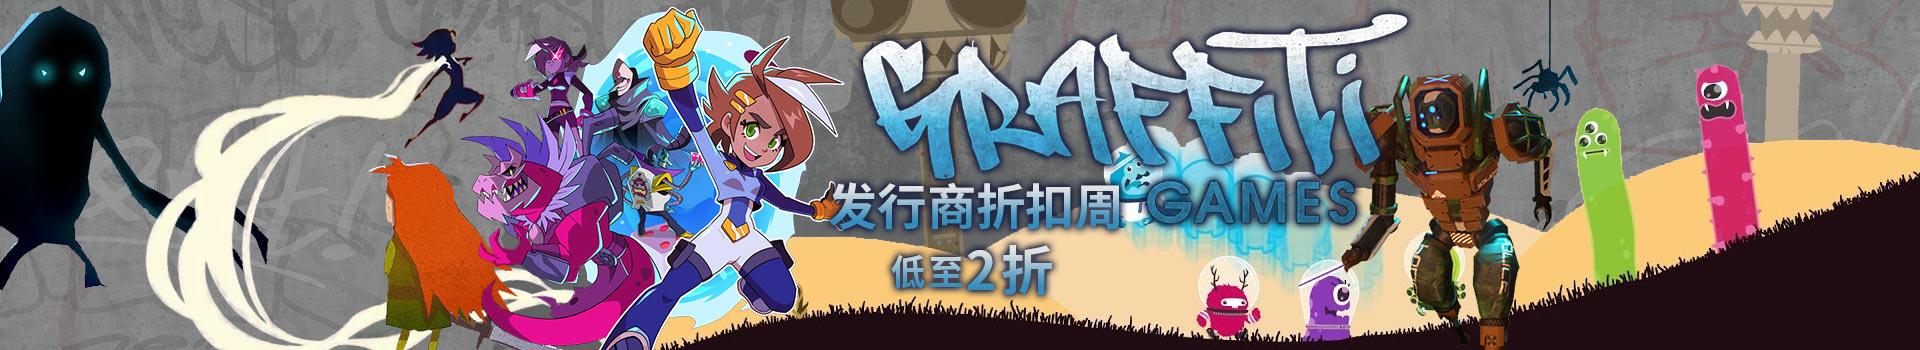 Graffiti Games发行商折扣周低至2折